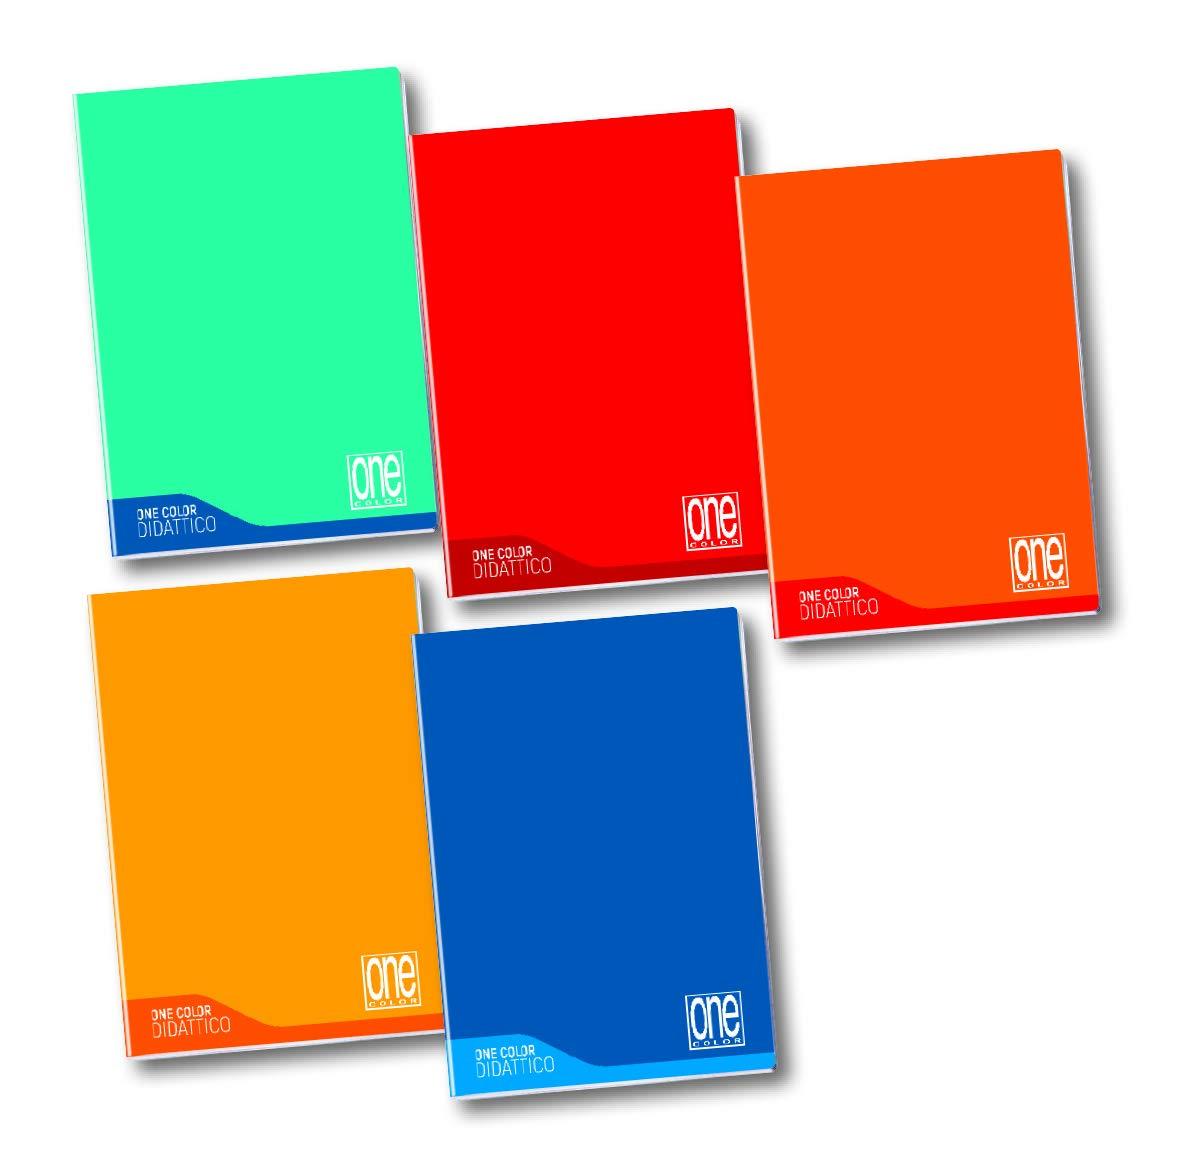 disortografia One Color 100 gr disgrafia 18+1 rigo 10M Maxi Blasetti Didattico per dislessia 6 Quaderni